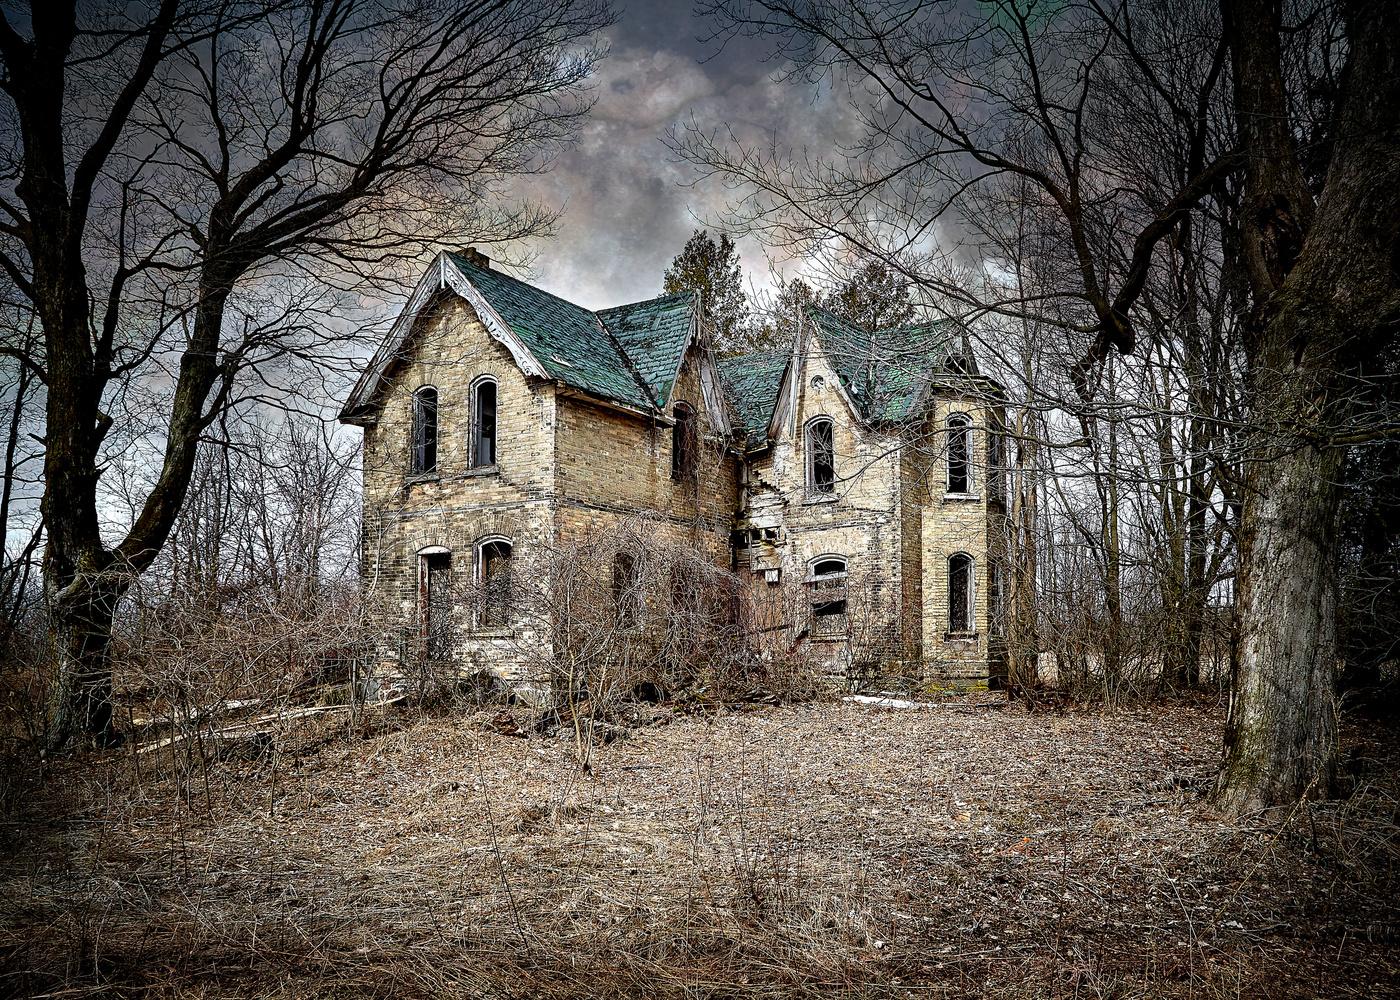 Abandoned House by Hank Rintjema